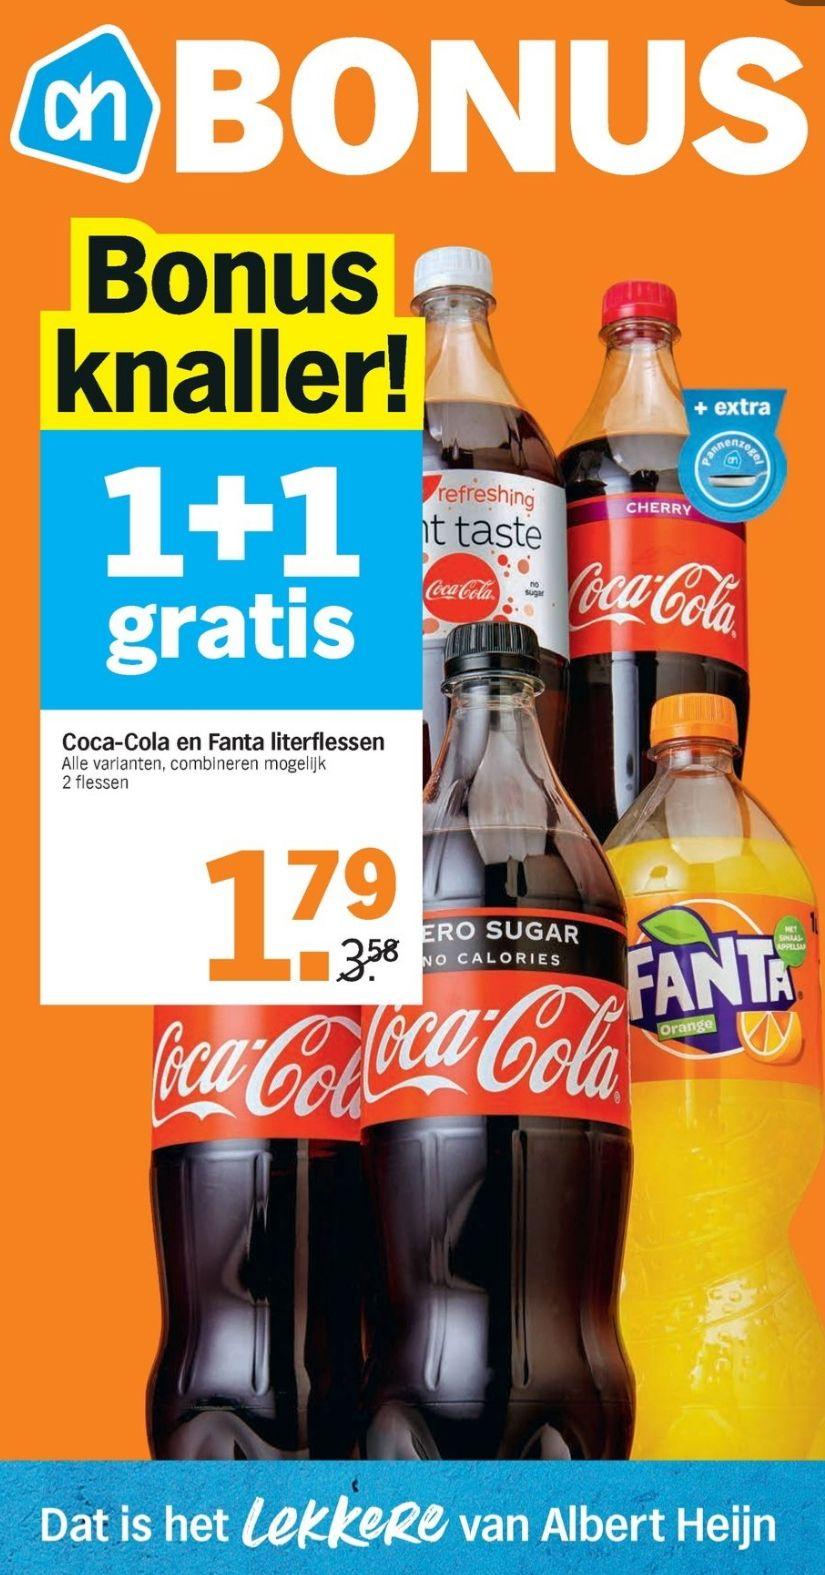 [ACTIEF] Coca Cola en Fanta liter flessen - 1+1 gratis!